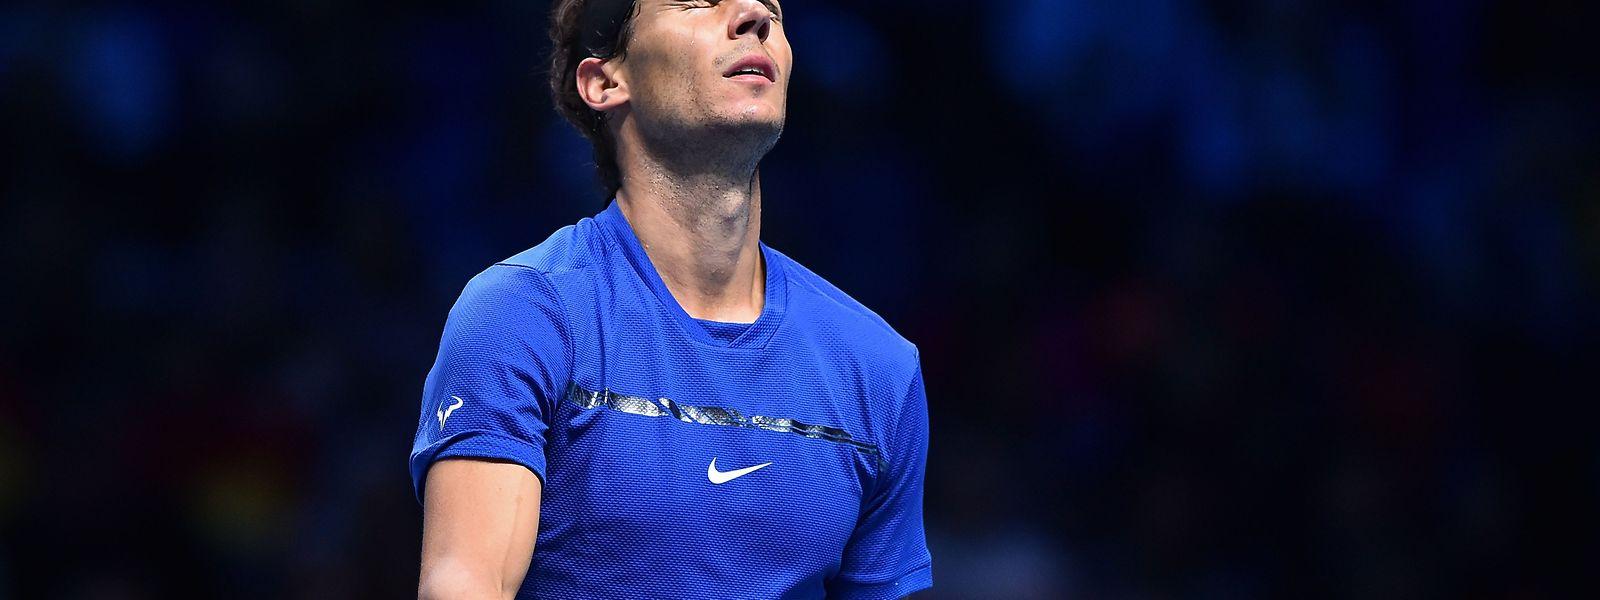 Für Rafael Nadal endet ein grandioses Tennisjahr mit einem Rückschlag.